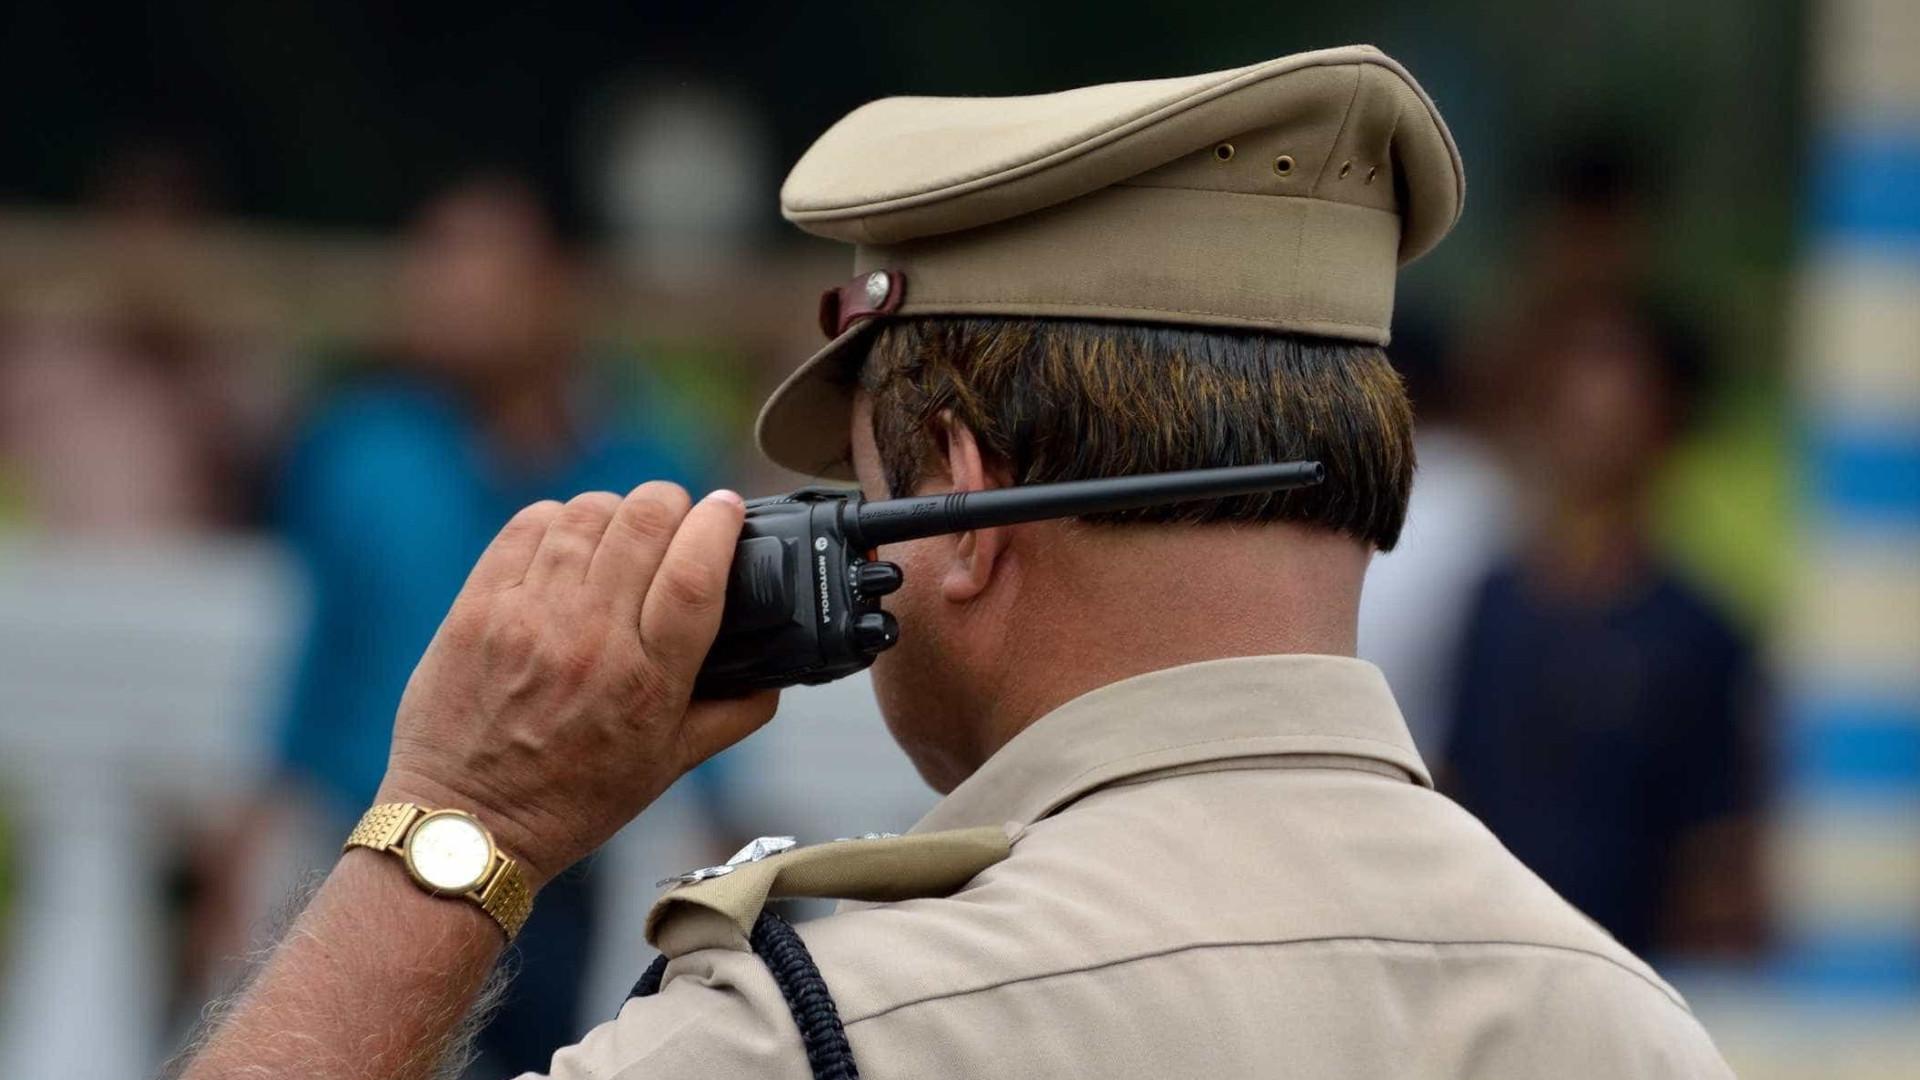 Britânica terá sido violada por grupo antes de ser assassinada em Goa